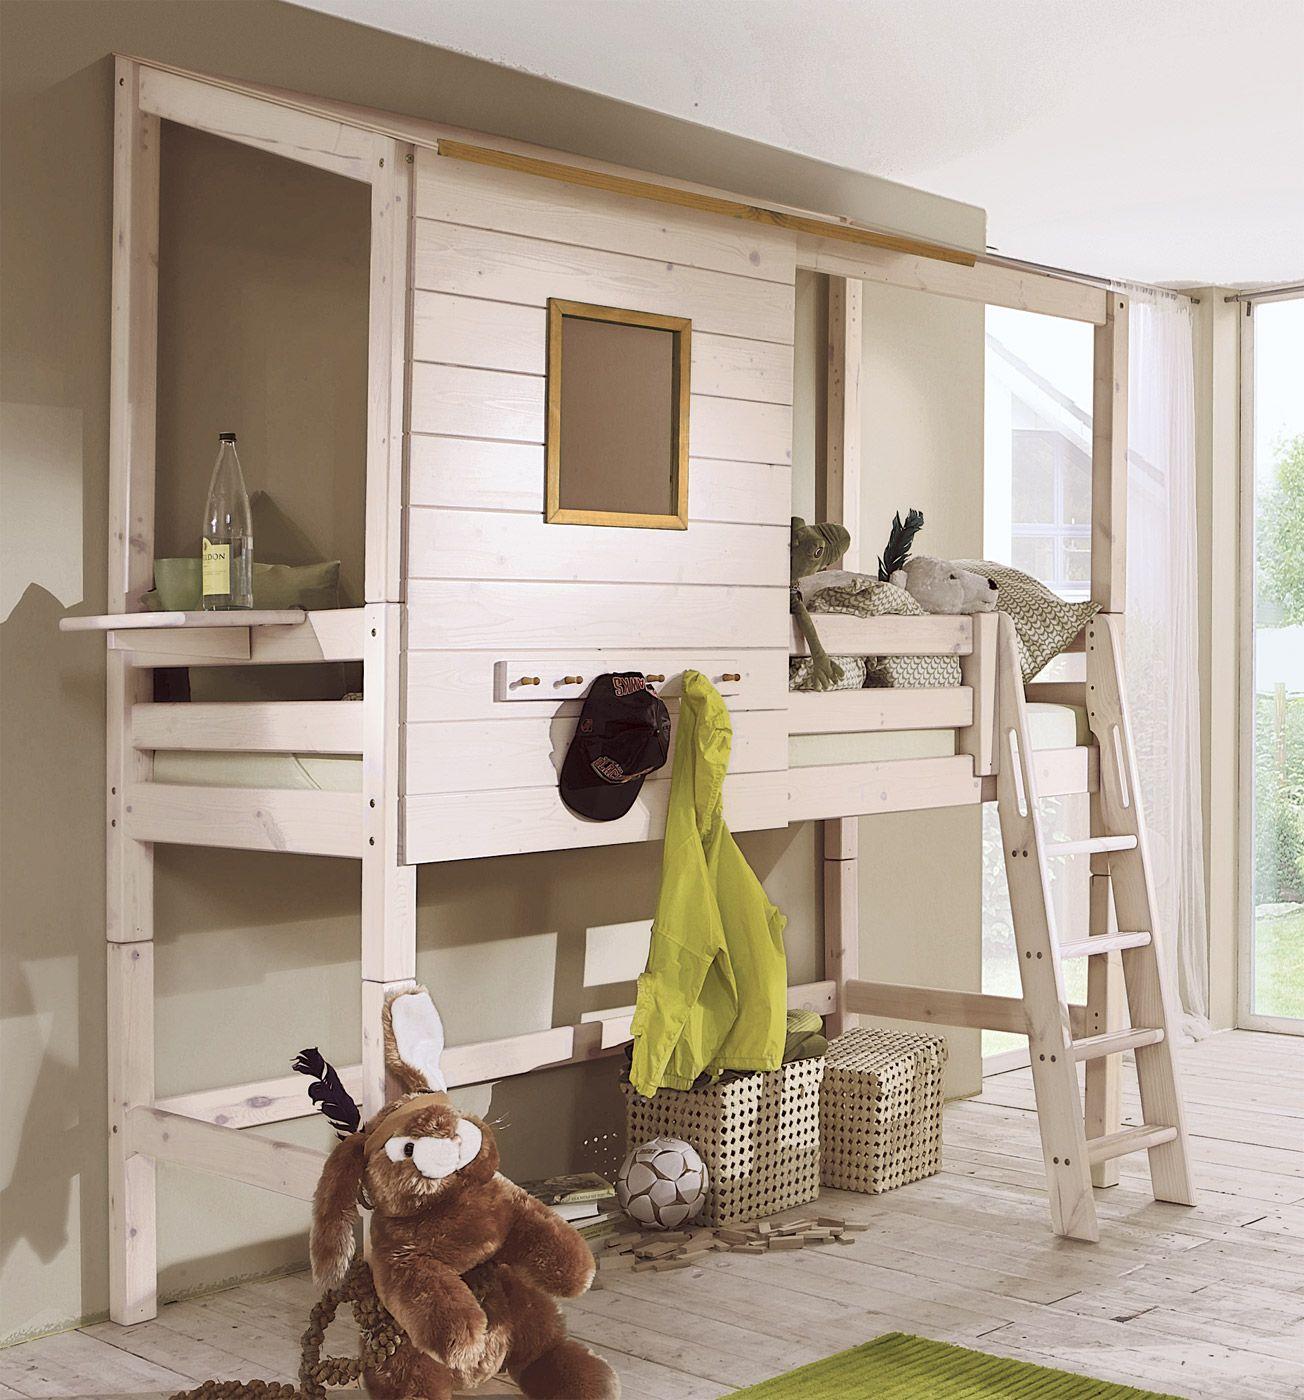 abenteuer hochbett kids paradise hochbetten abenteuer und holz. Black Bedroom Furniture Sets. Home Design Ideas